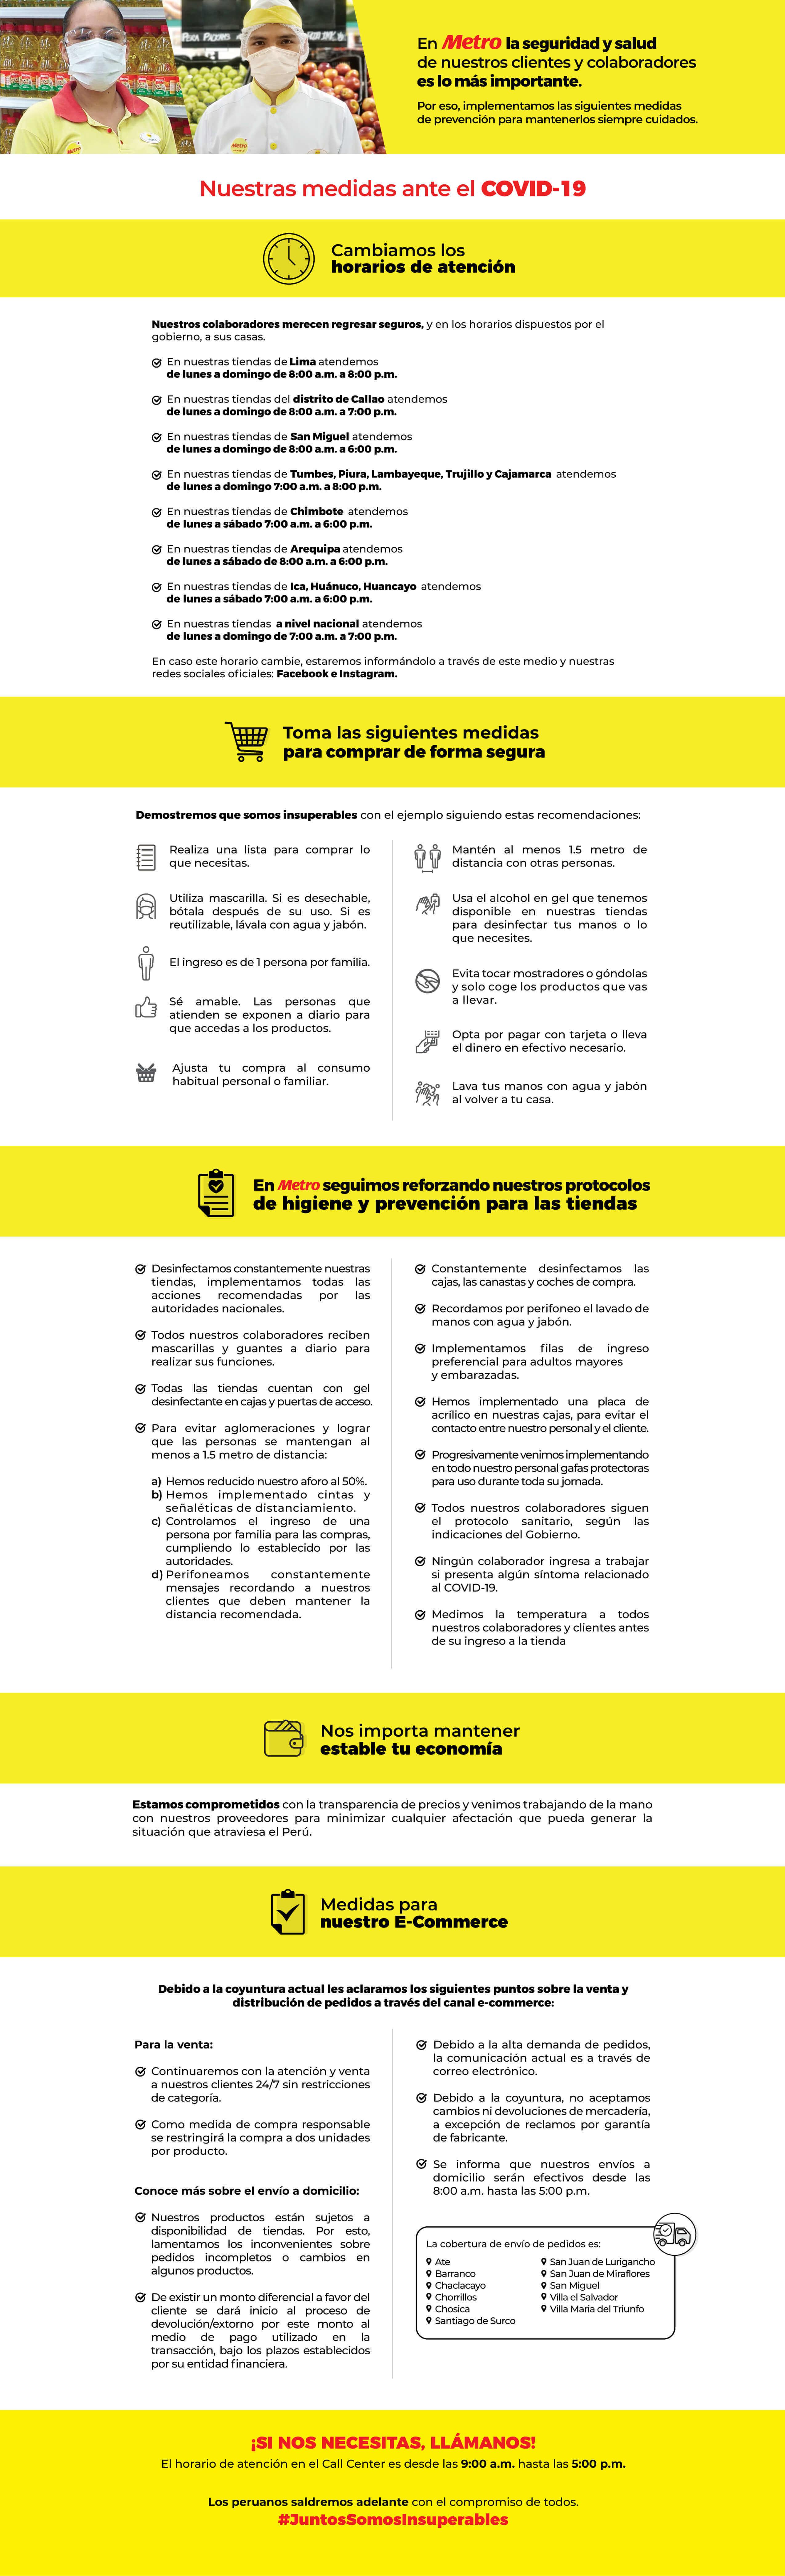 infografía de proceso de compra